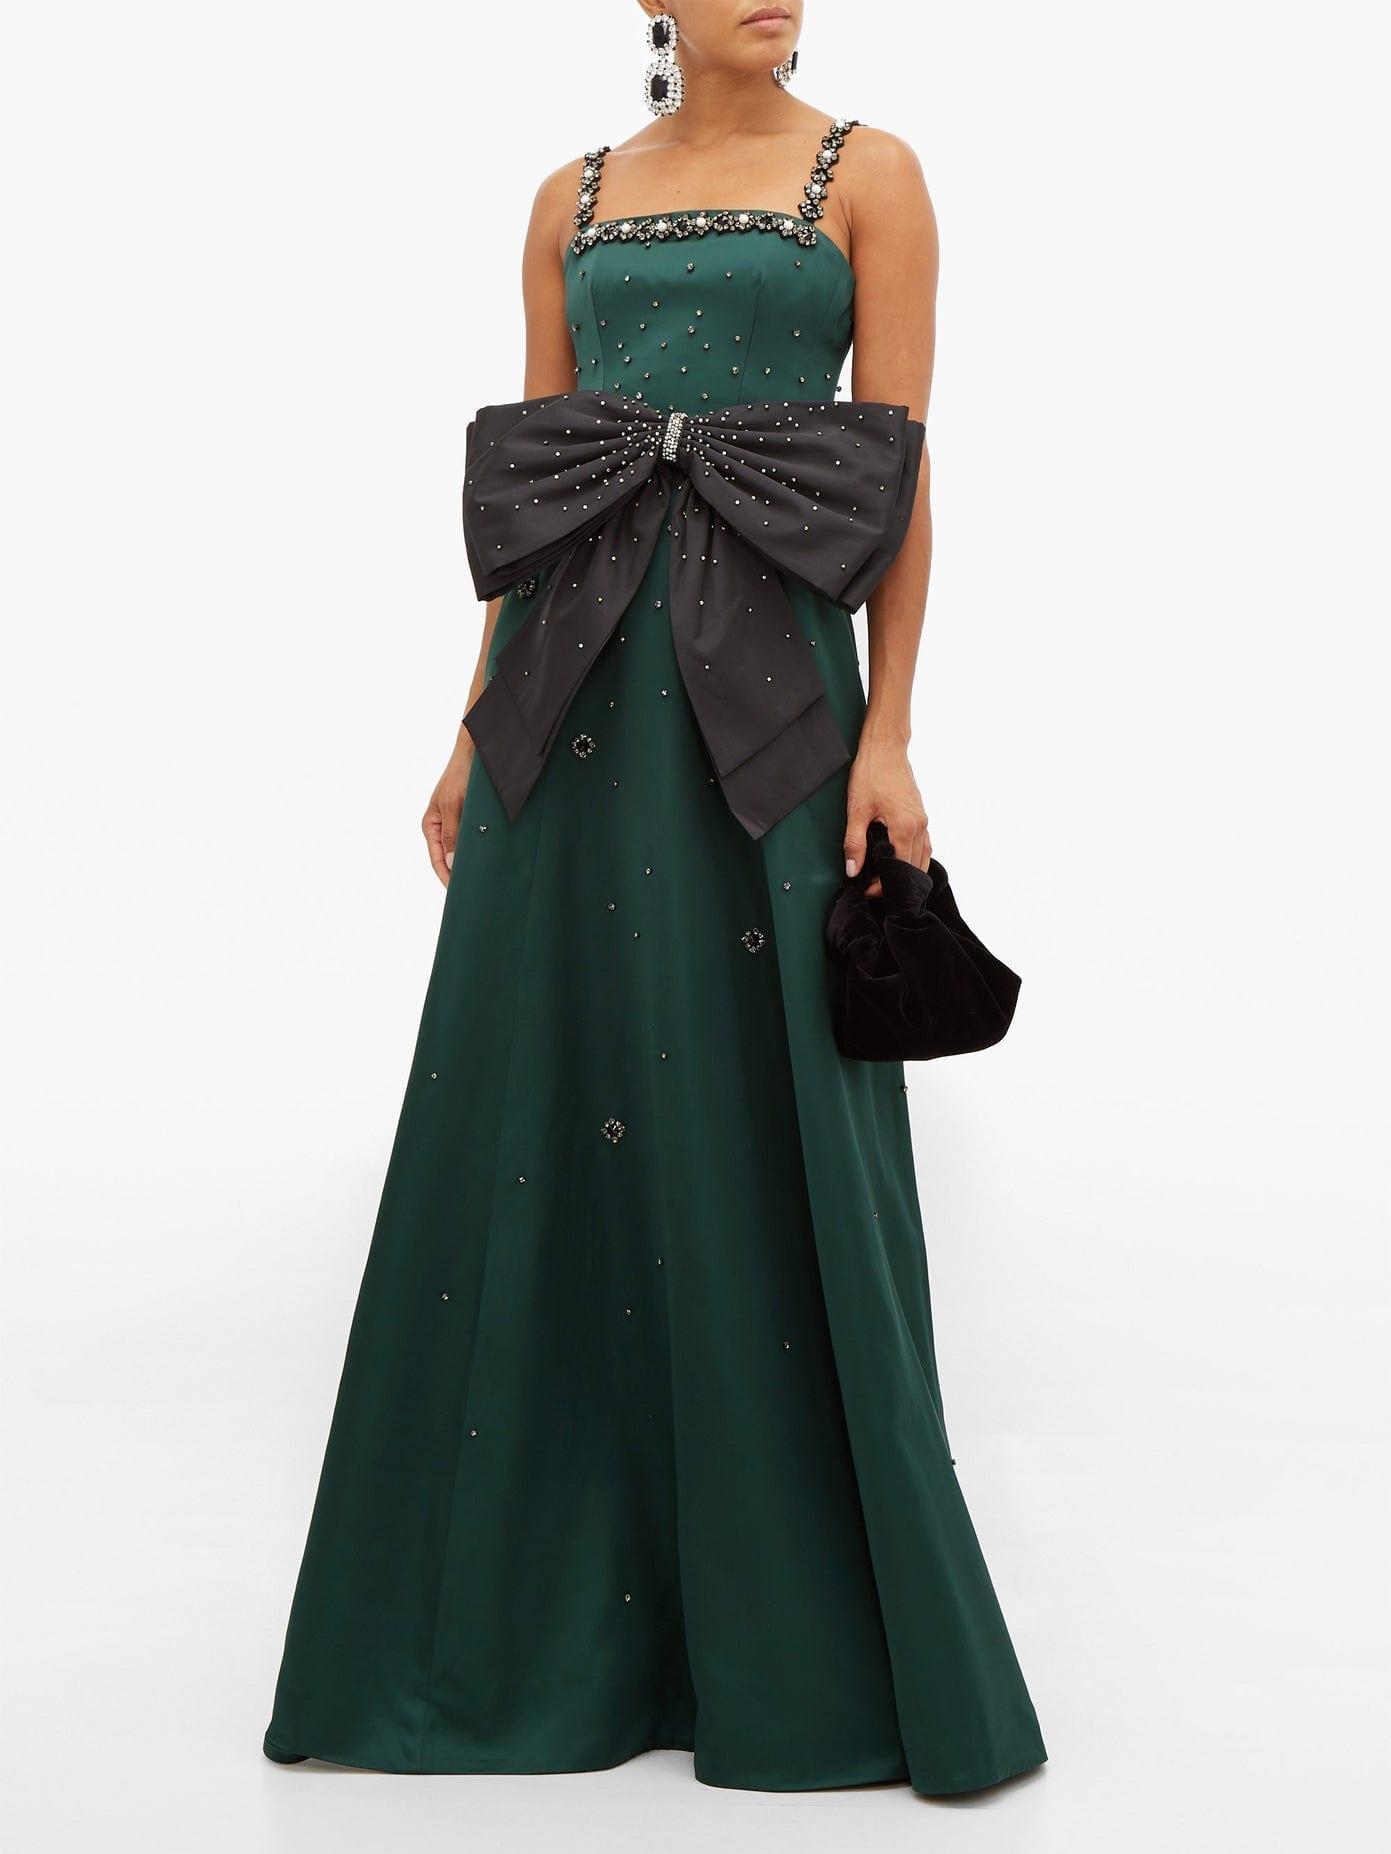 ERDEM Ravenna Crystal-Embellished Satin Gown